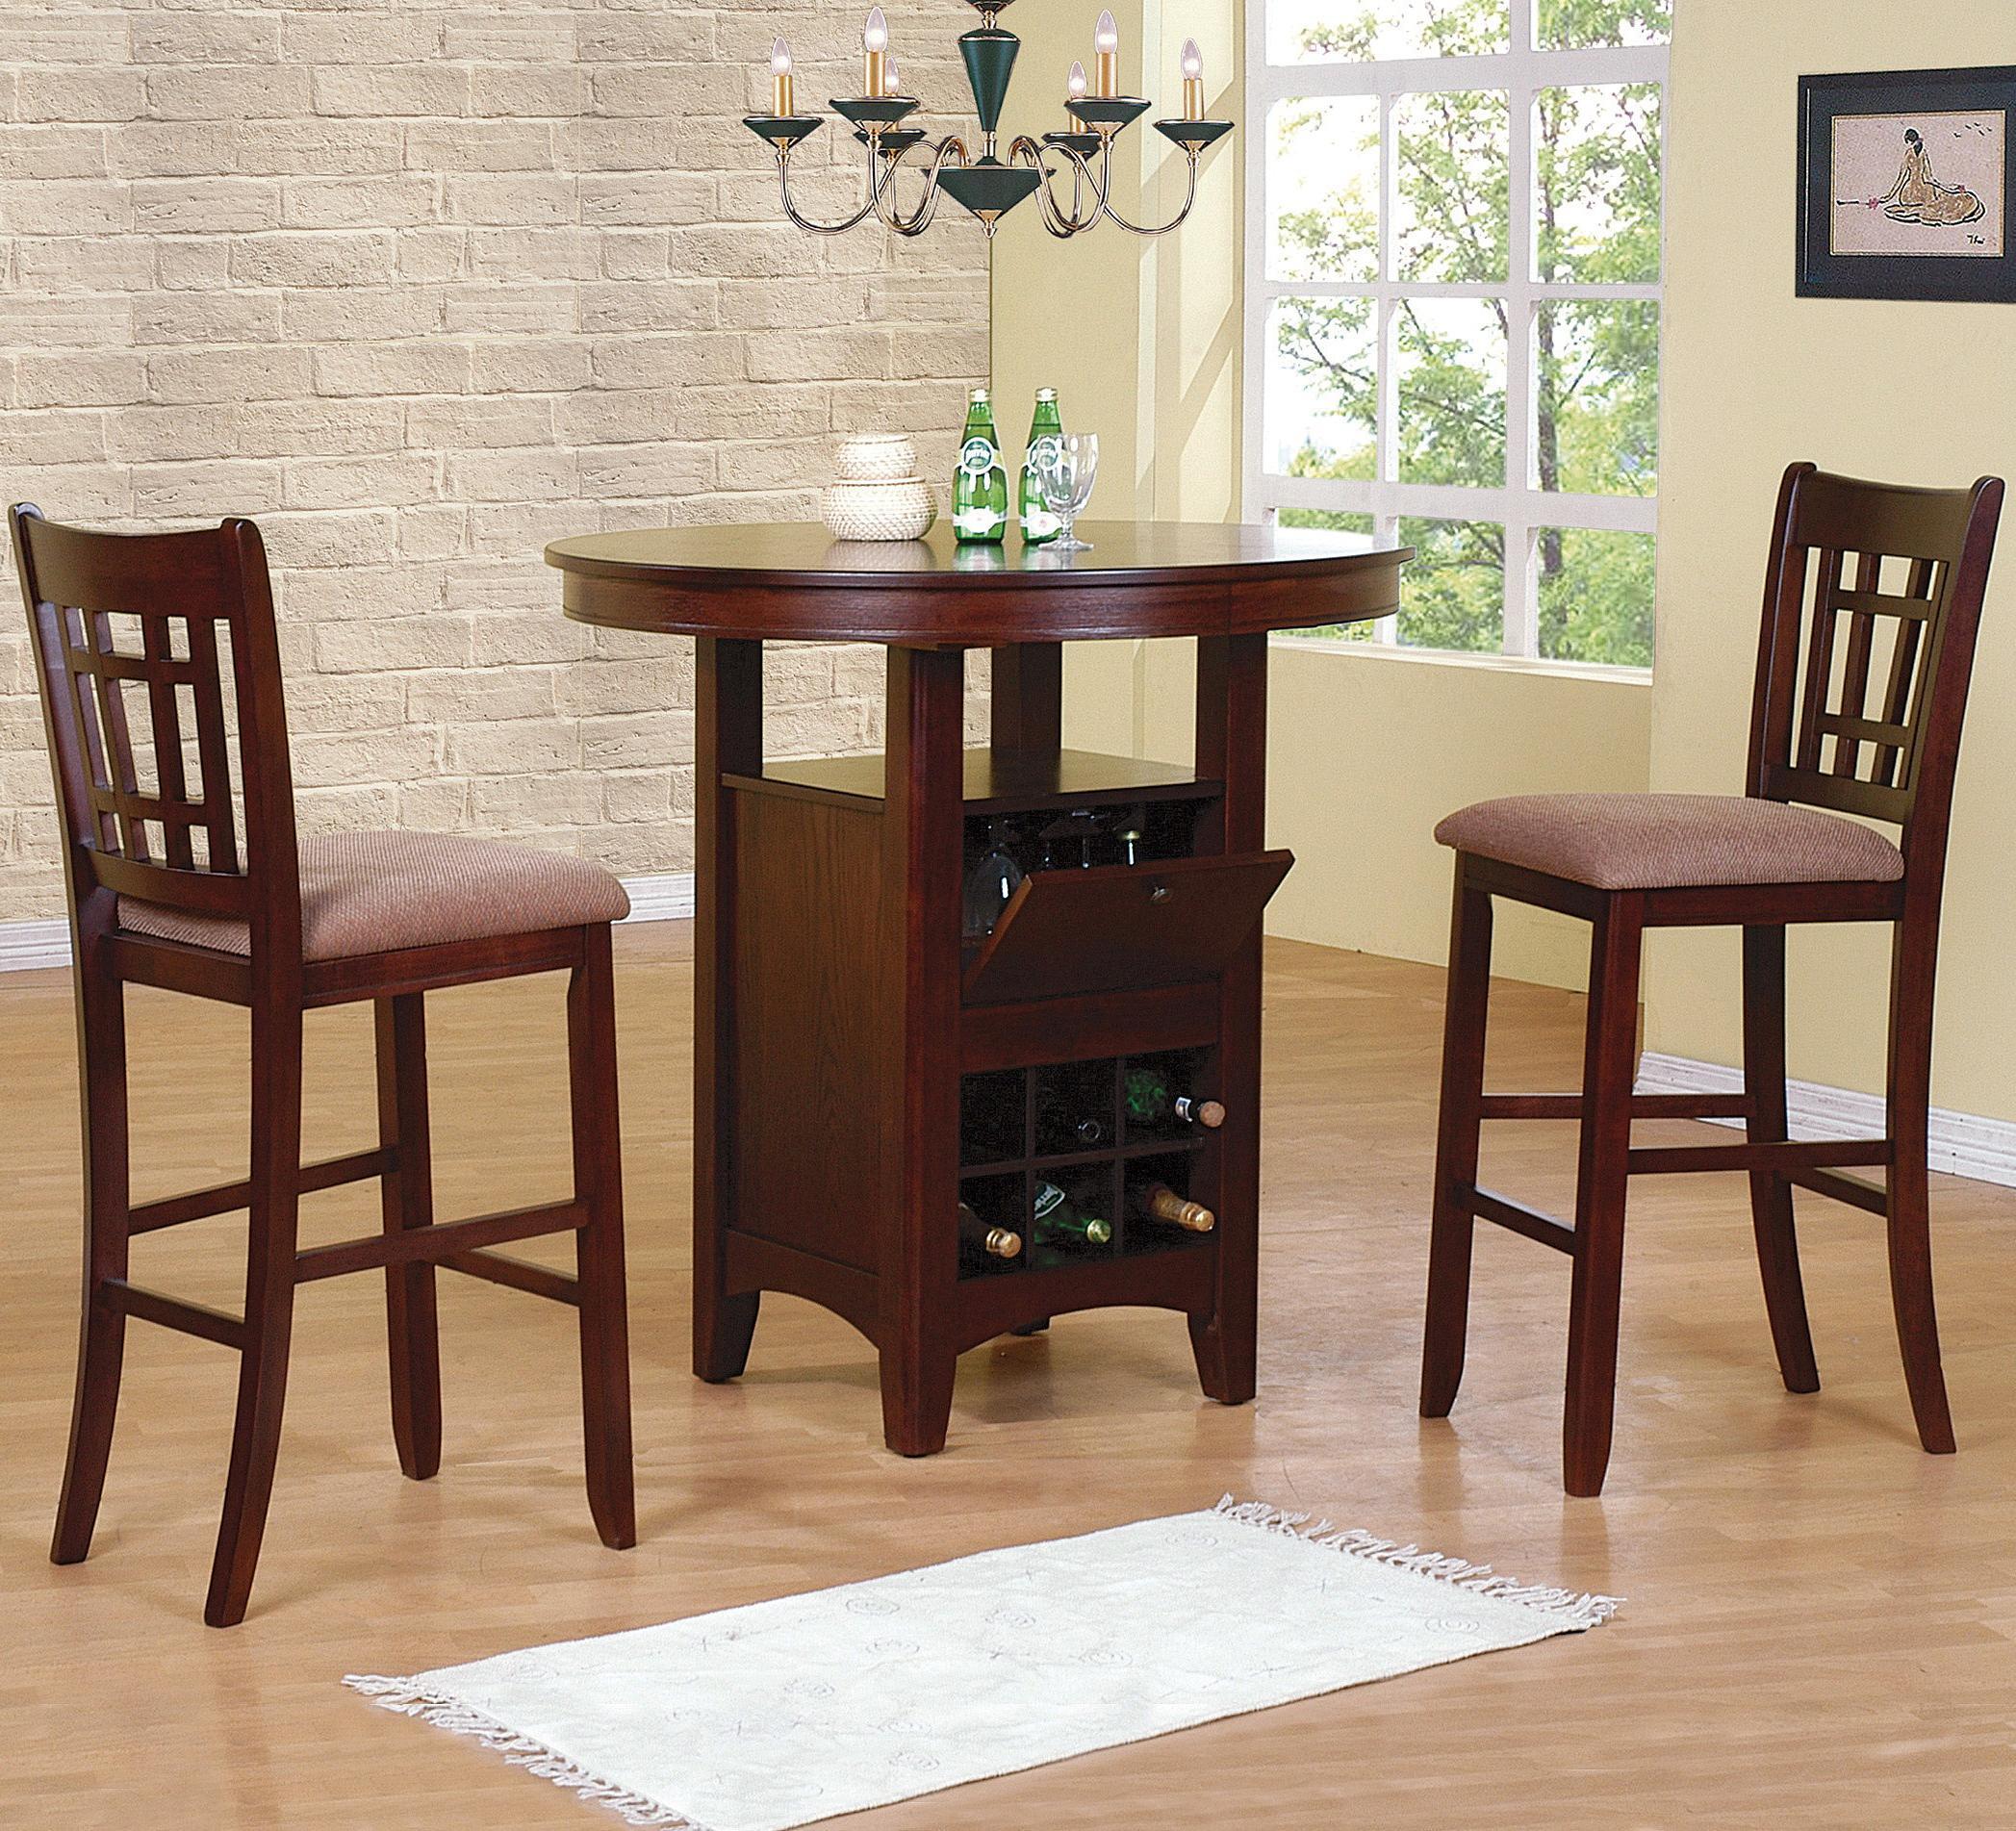 Crown Mark Miyagi 3 Piece Bar Table and Chairs Set - Item Number: 2944T-ESP-LEG+TOP+2xC-ESP